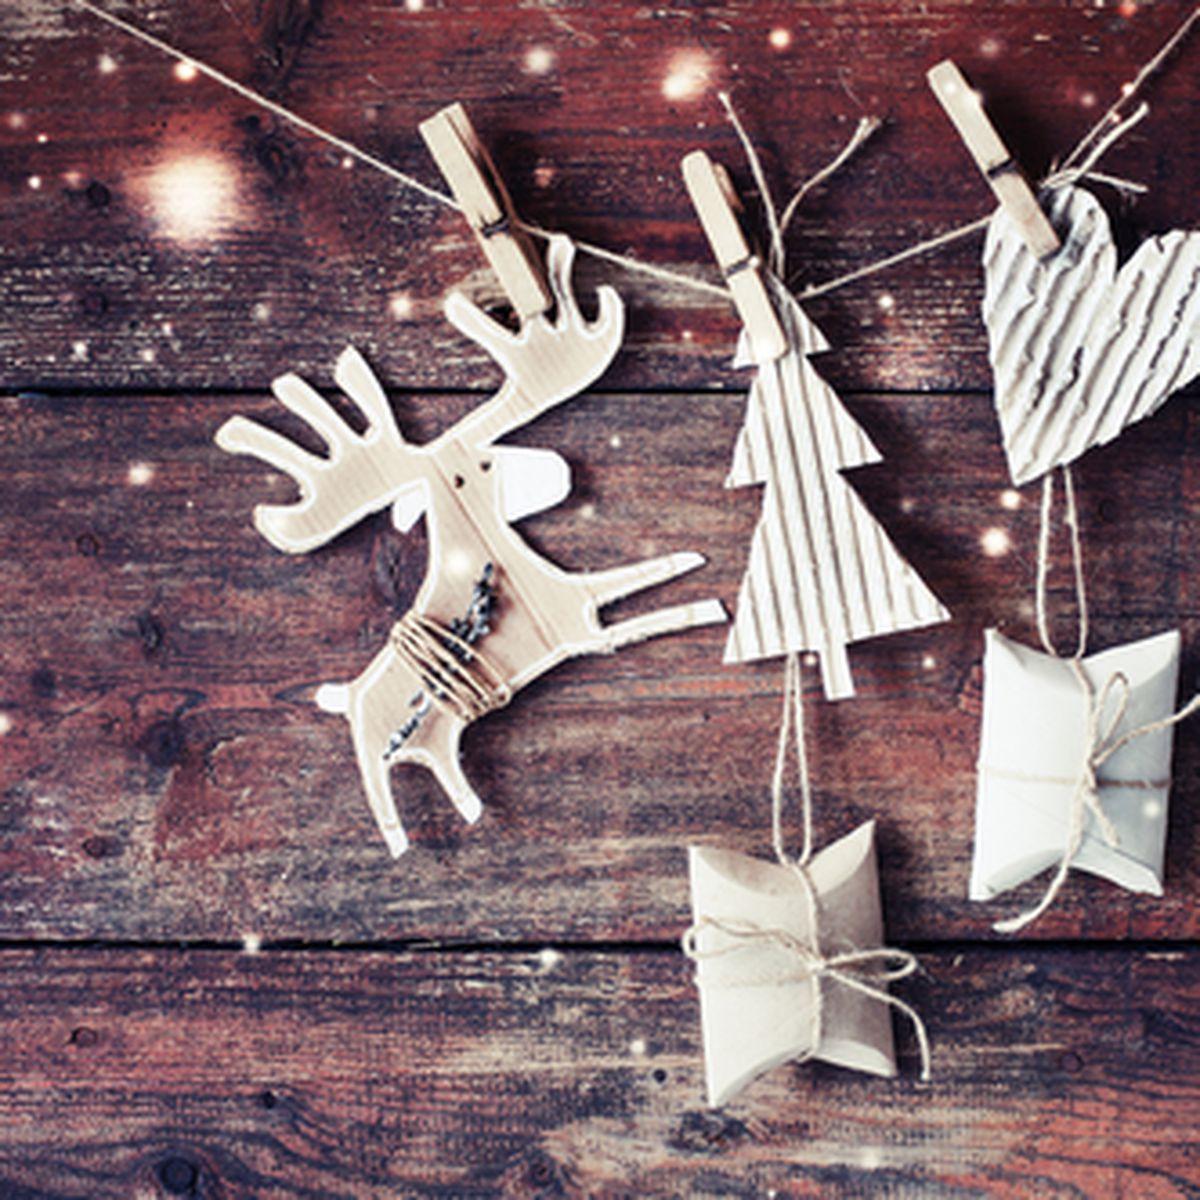 Auguri Di Buon Natale Canzone In Italiano.Auguri Di Buon Natale Frasi Simpatiche E Aforismi Divertenti Studentville